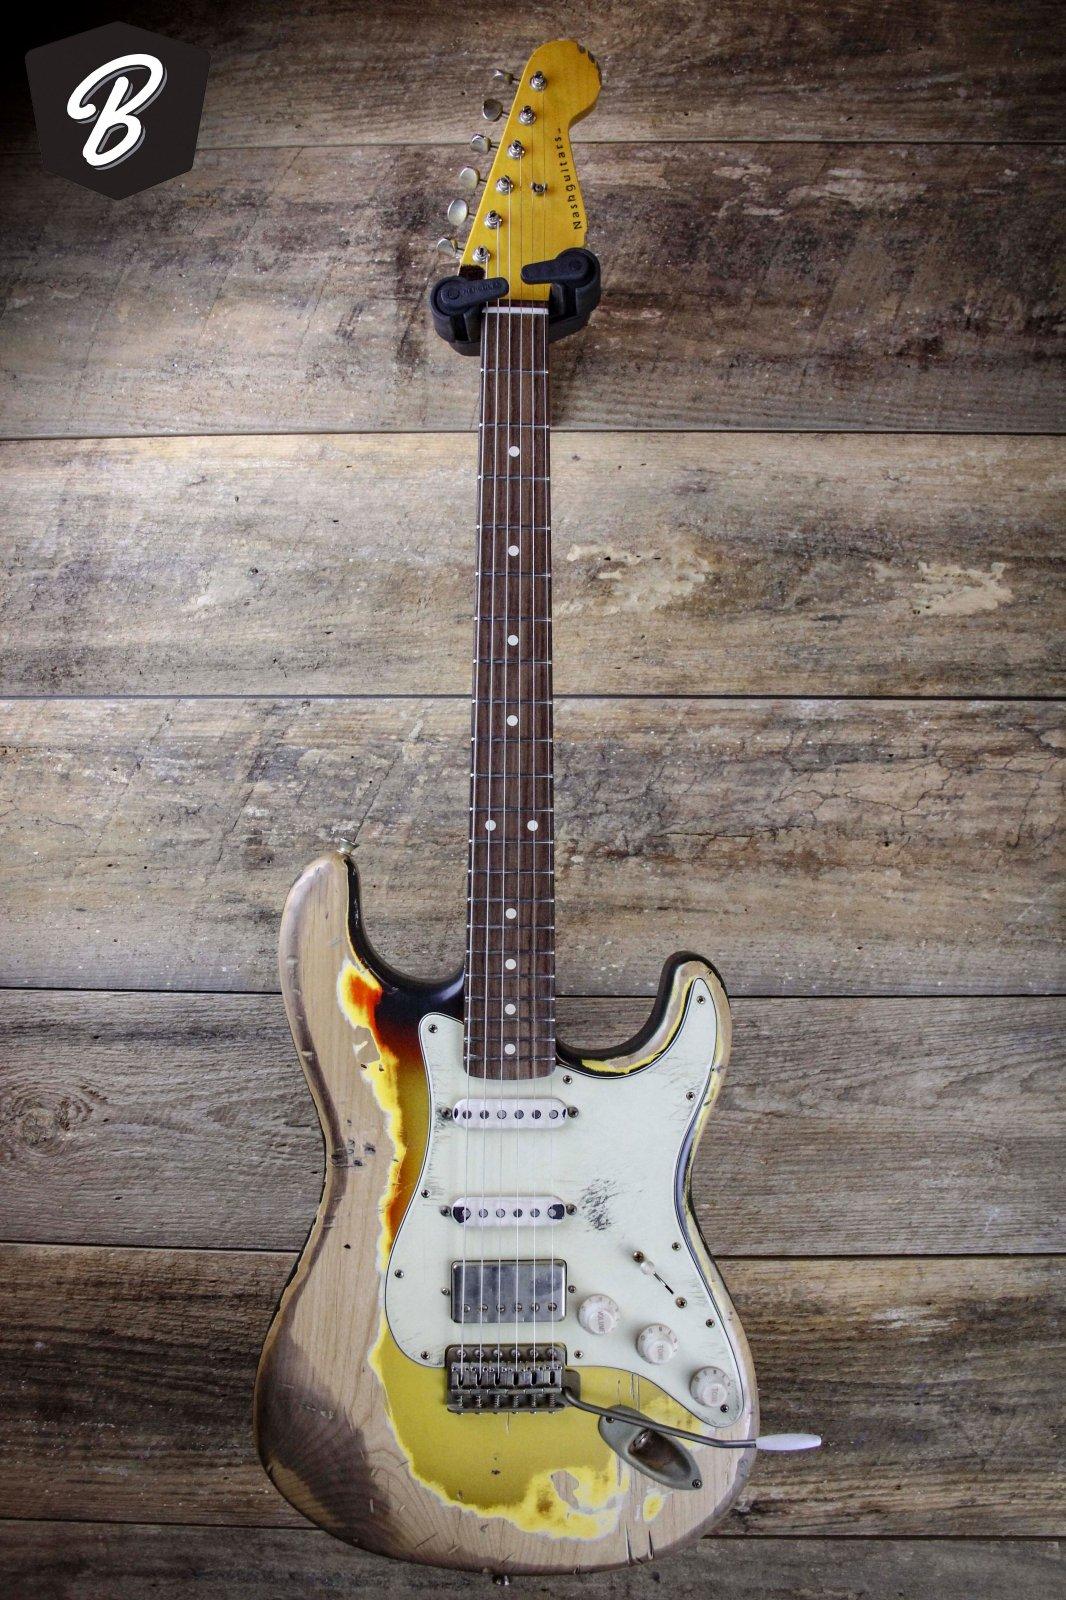 nash s63 hss strat guitar with hardshell case 876543456787654. Black Bedroom Furniture Sets. Home Design Ideas